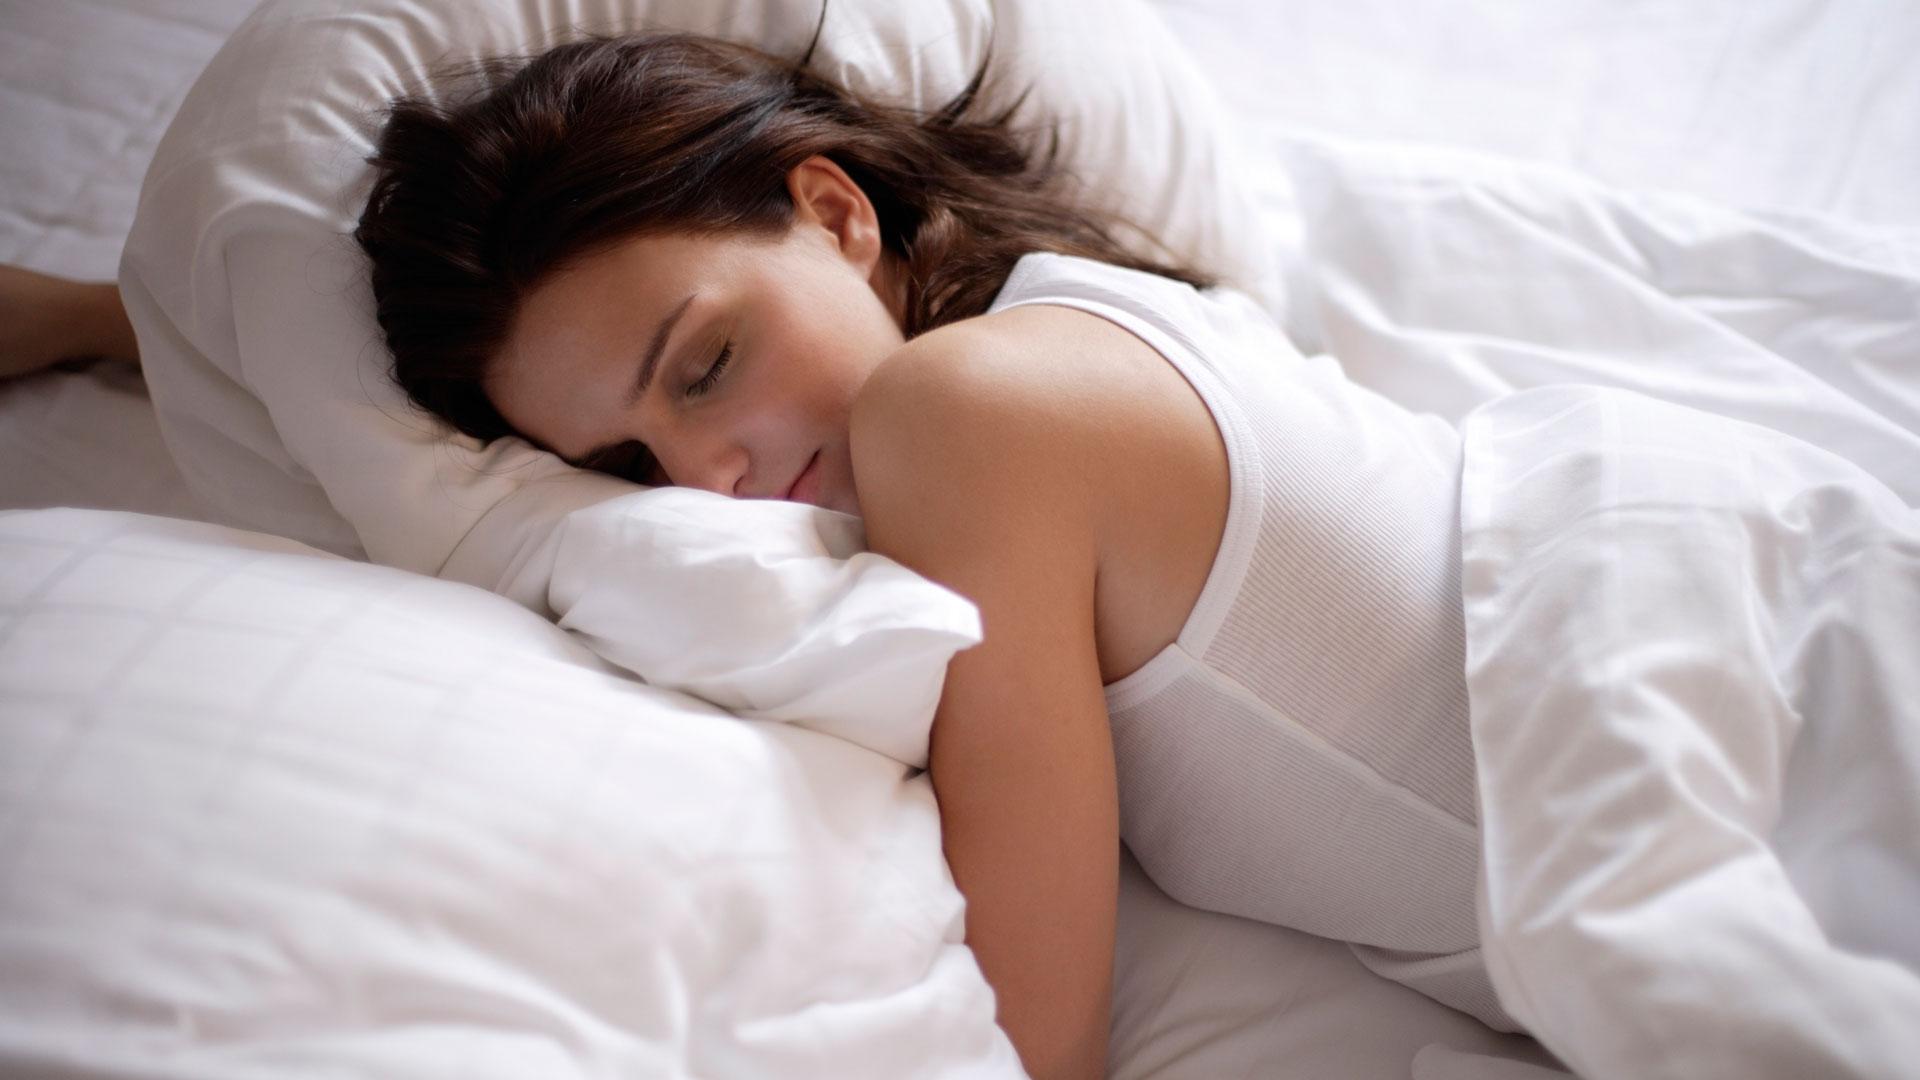 Фото полных в постели, Голые полненькие на фото и обнаженные полные 6 фотография